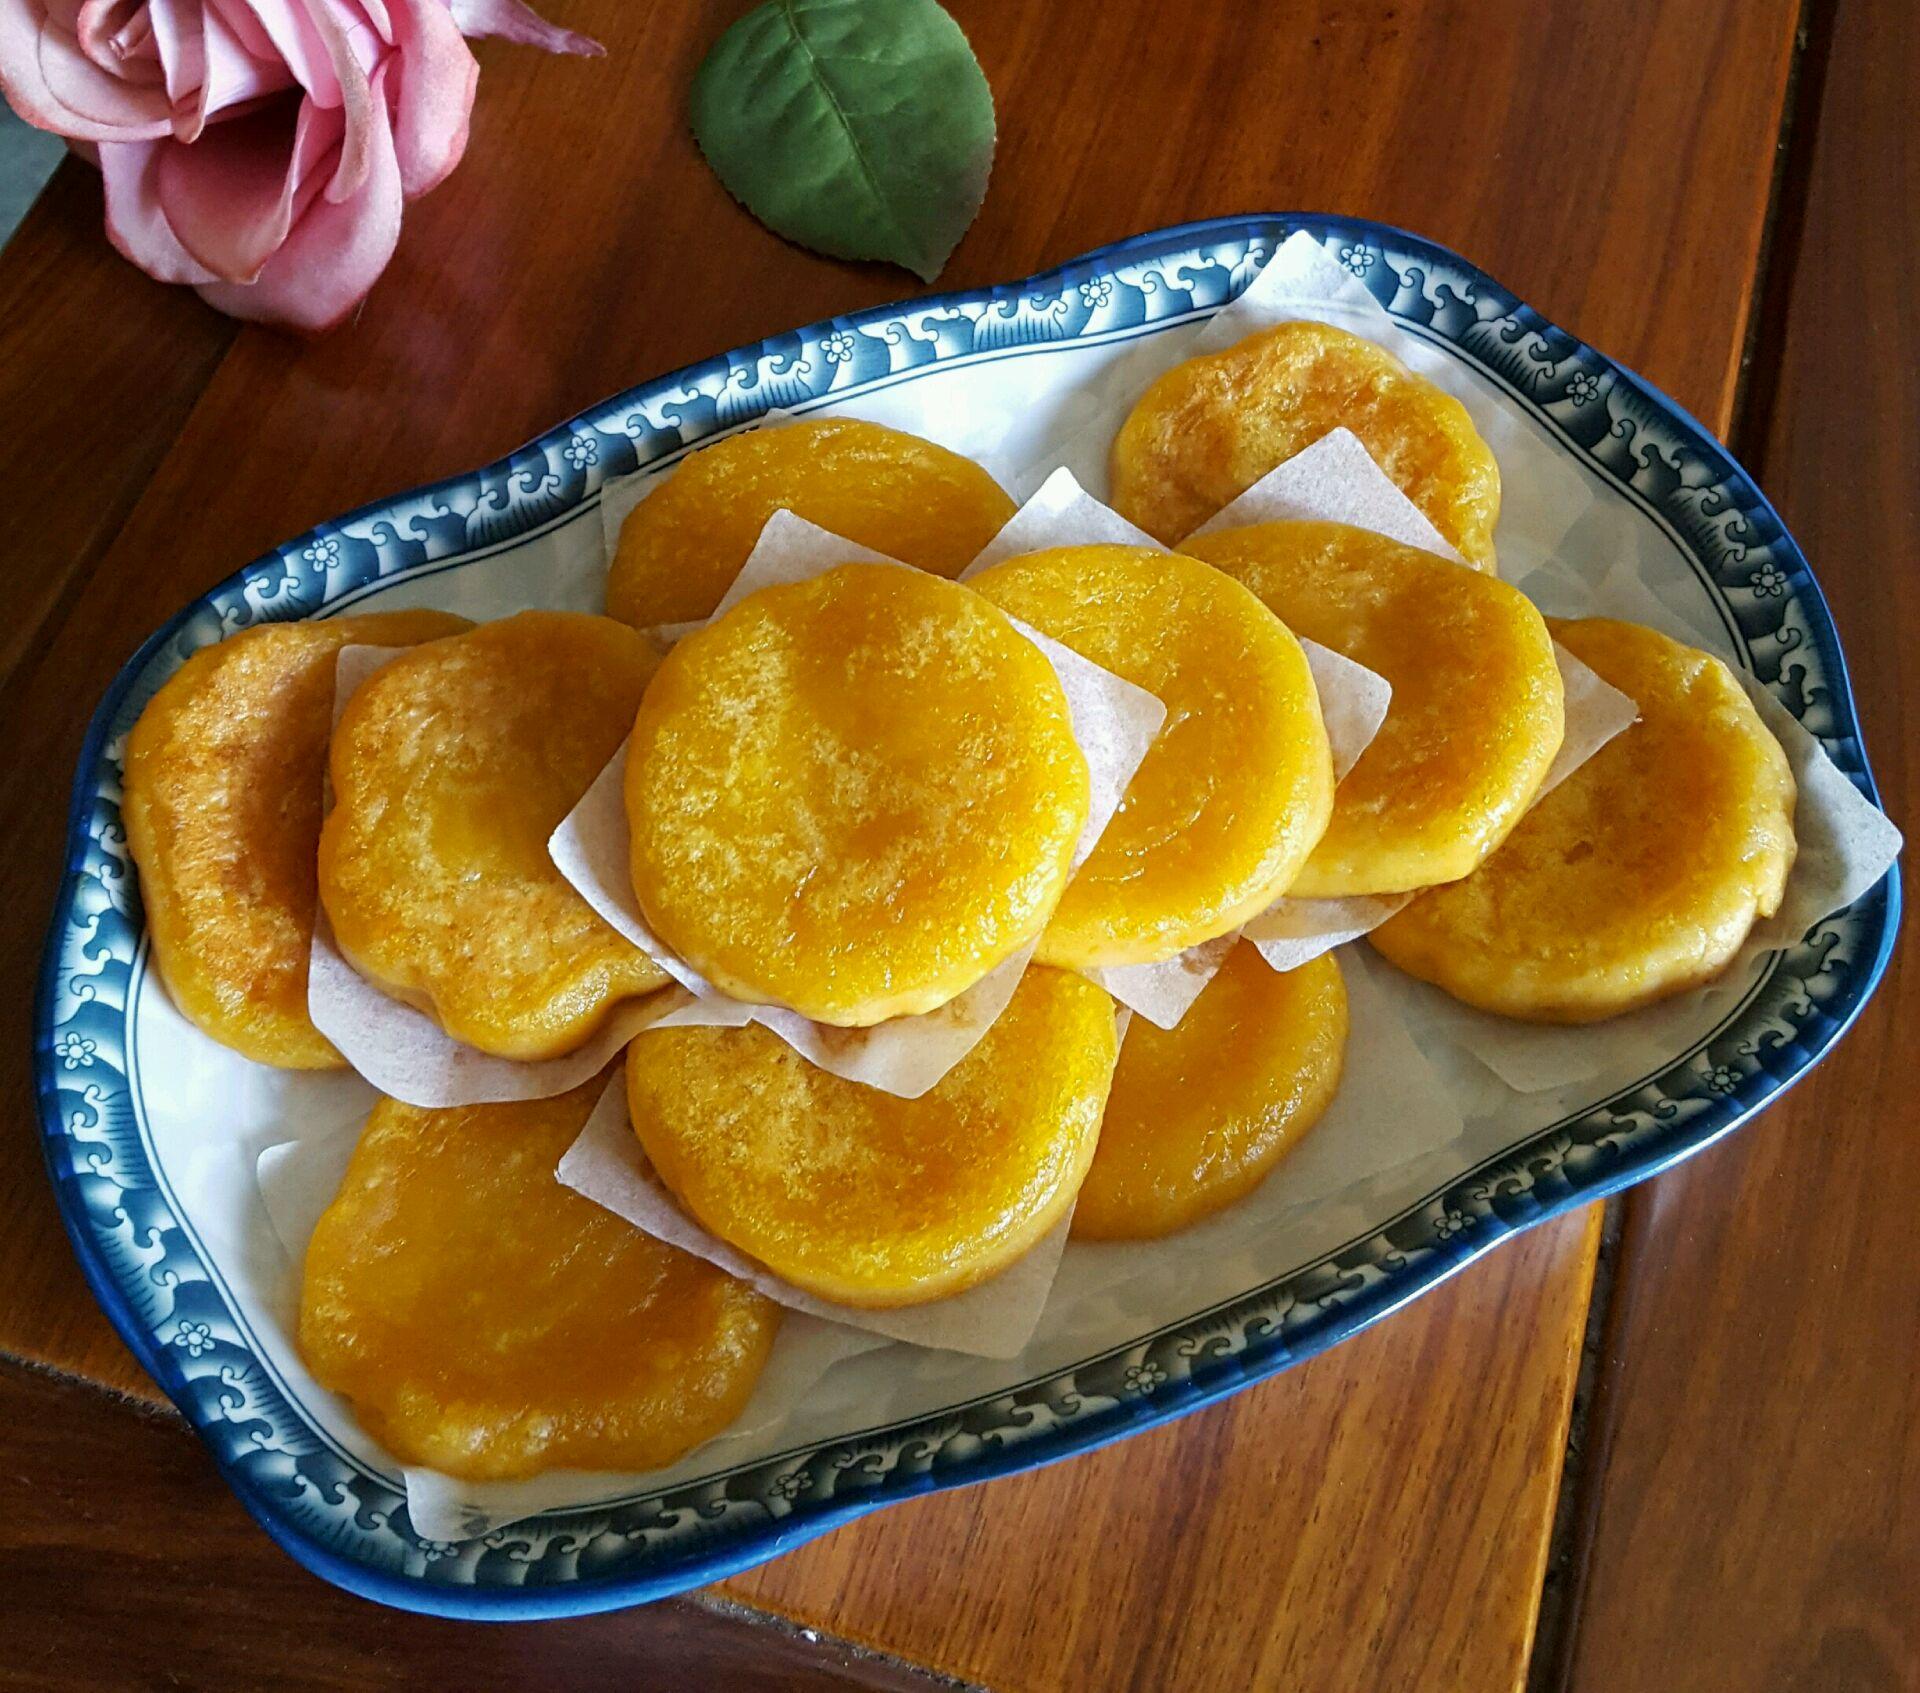 炒菜煲汤临锅时加入提鲜不口干 南瓜饼的做法步骤 小贴士 一定要加点